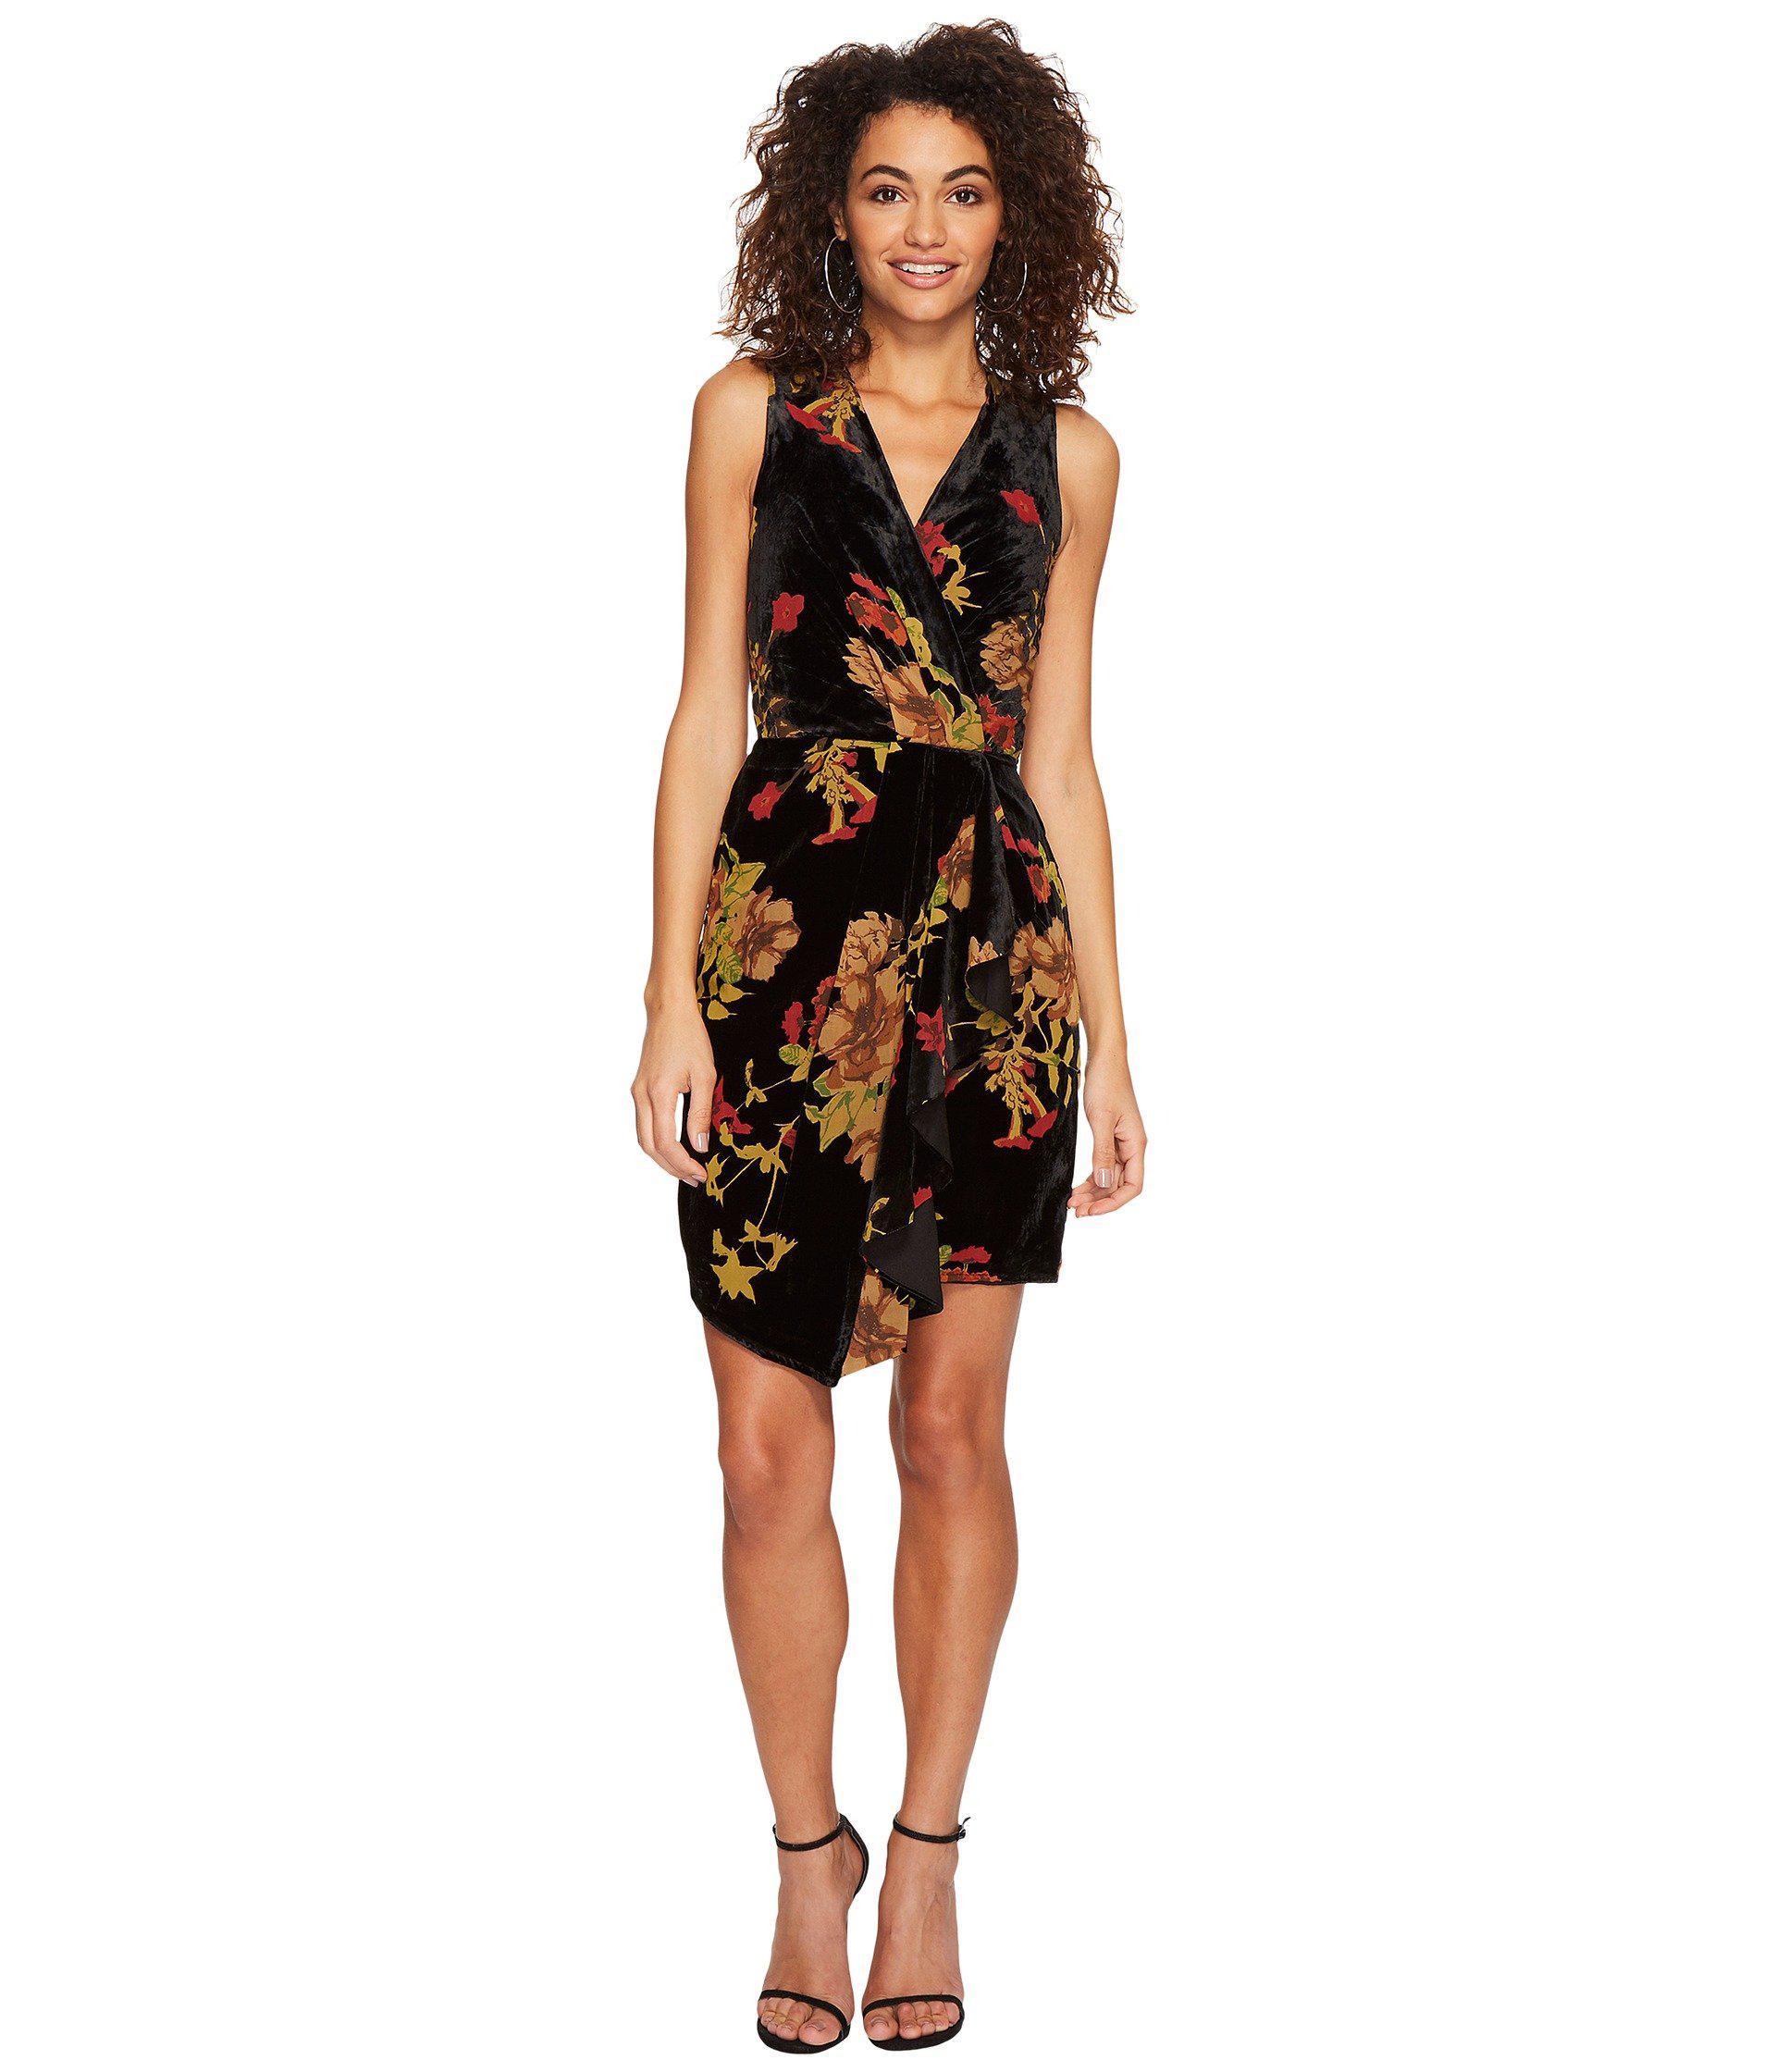 112ed4a4 Lyst - Adelyn Rae Alyse Sheath Dress in Black - Save 63%